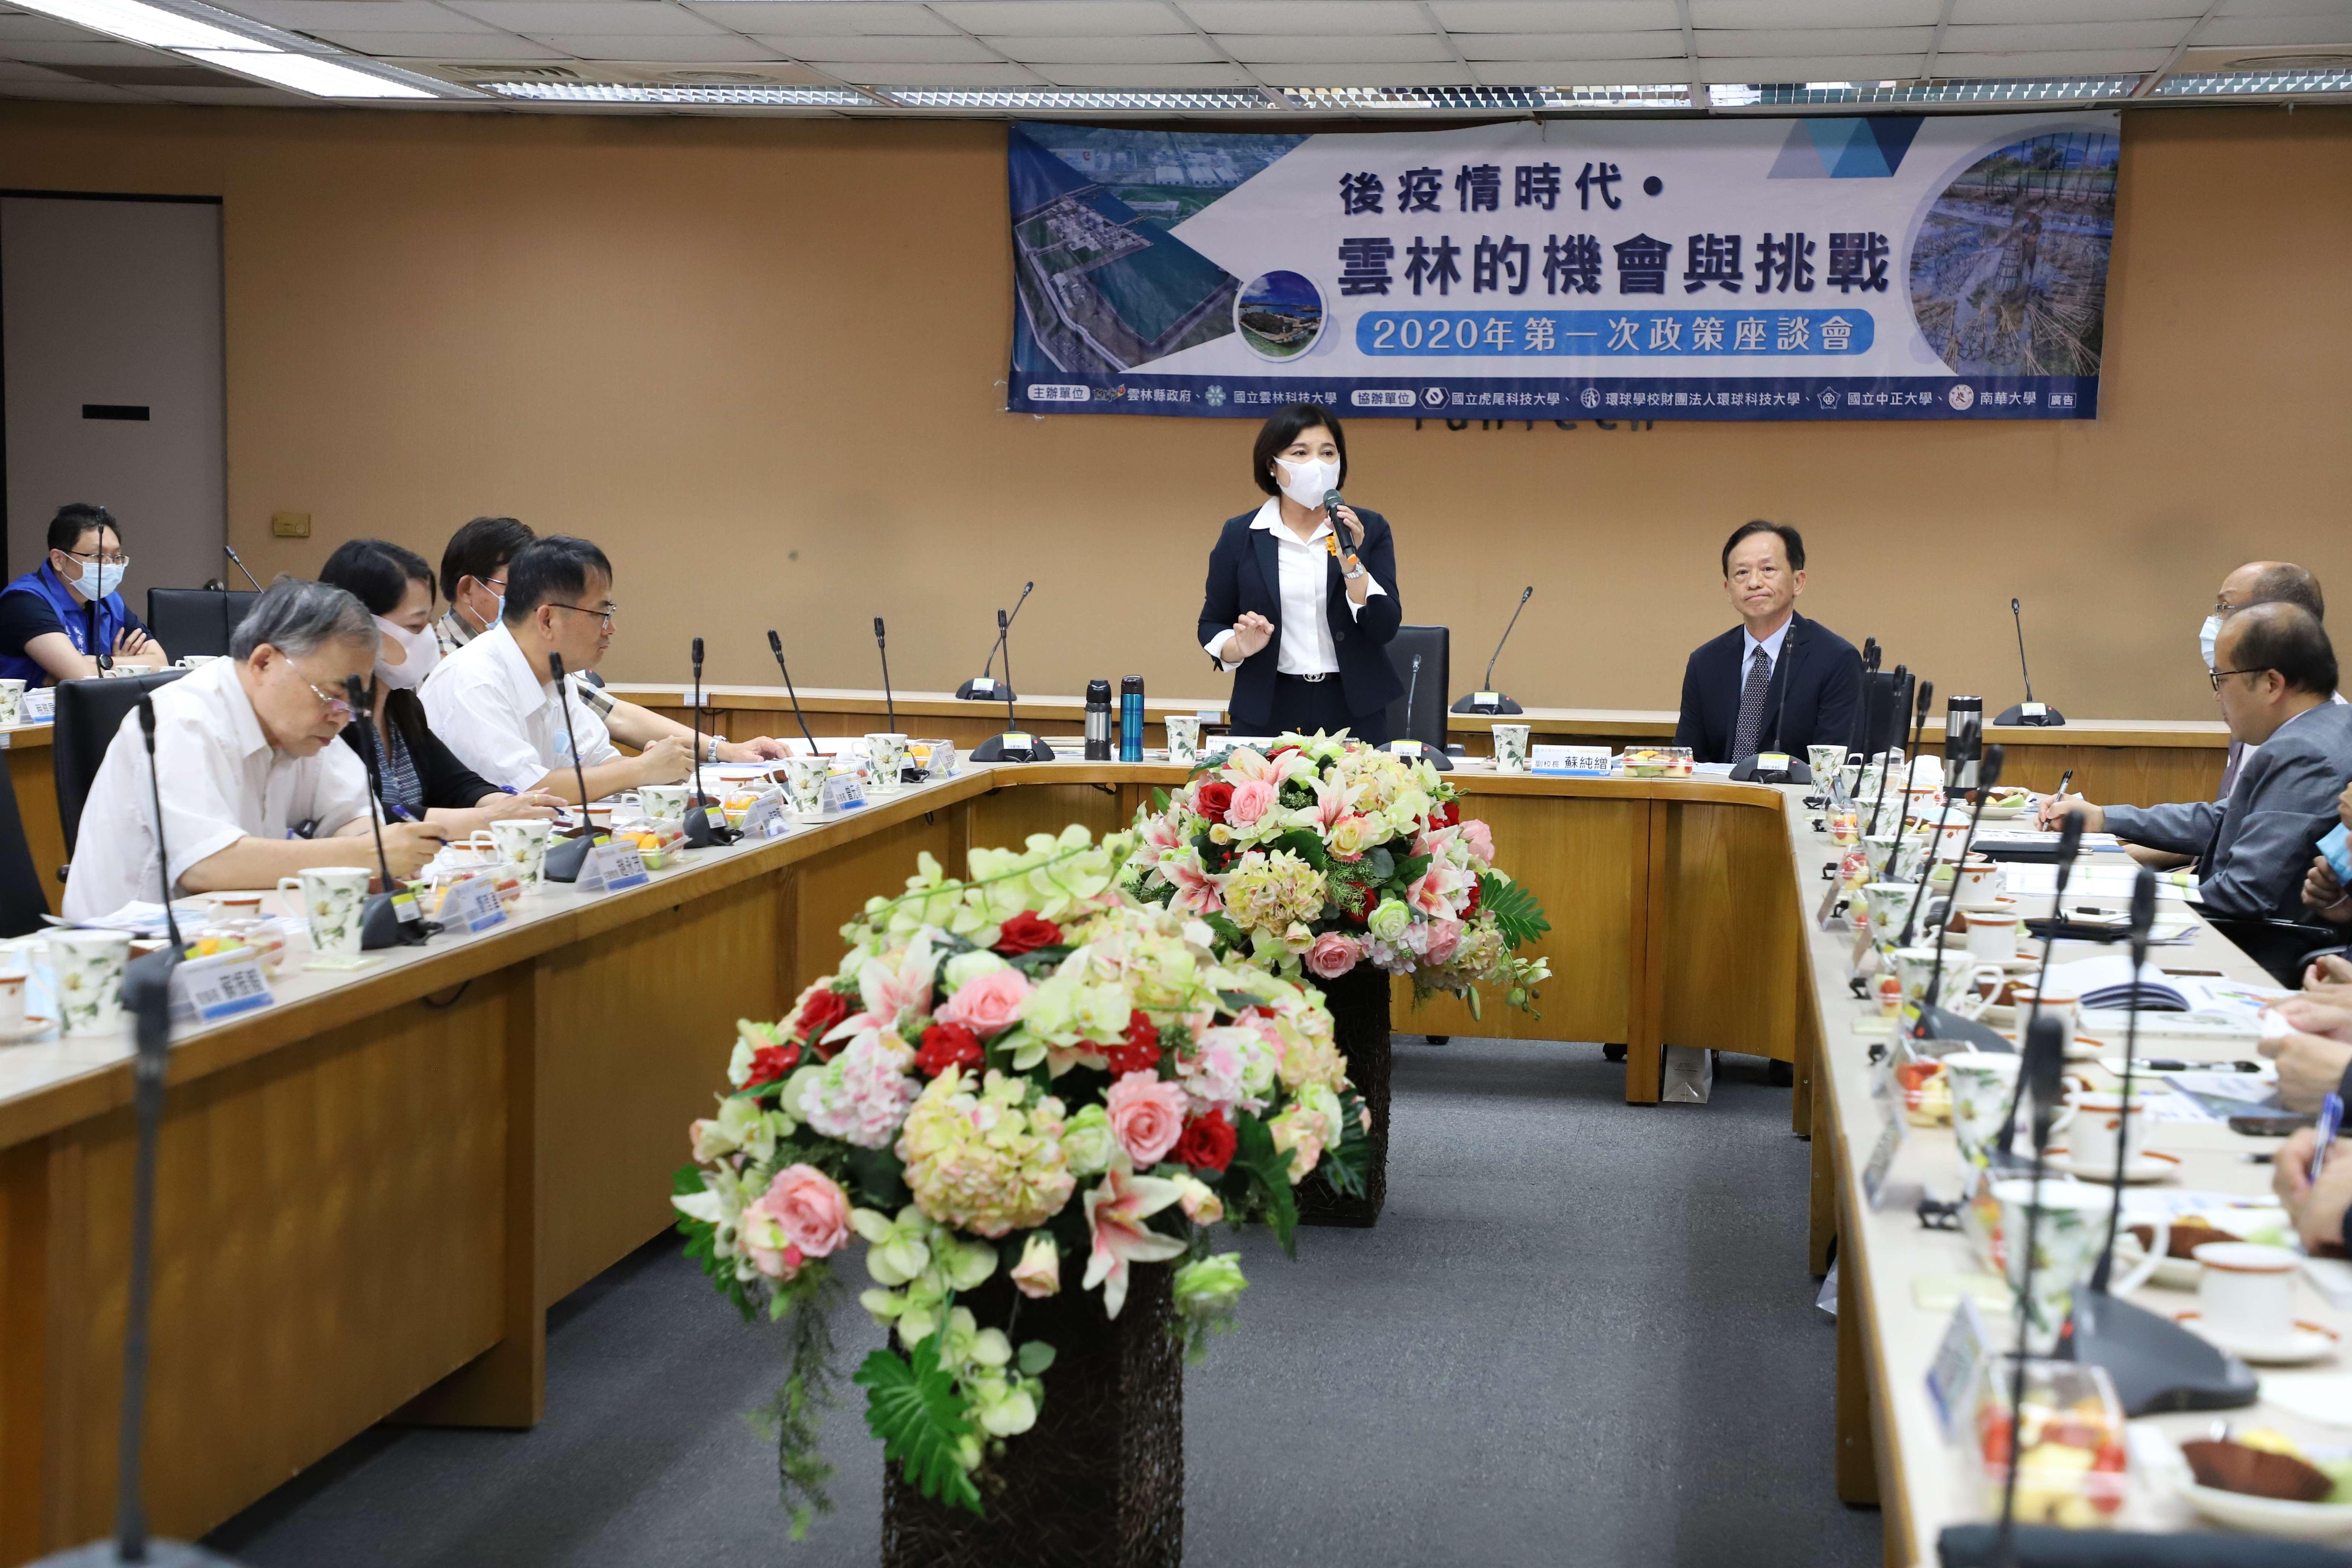 雲林縣政府與雲林科技大學今日下午共同辦理「後疫情時代-雲林的機會與挑戰」座談會。